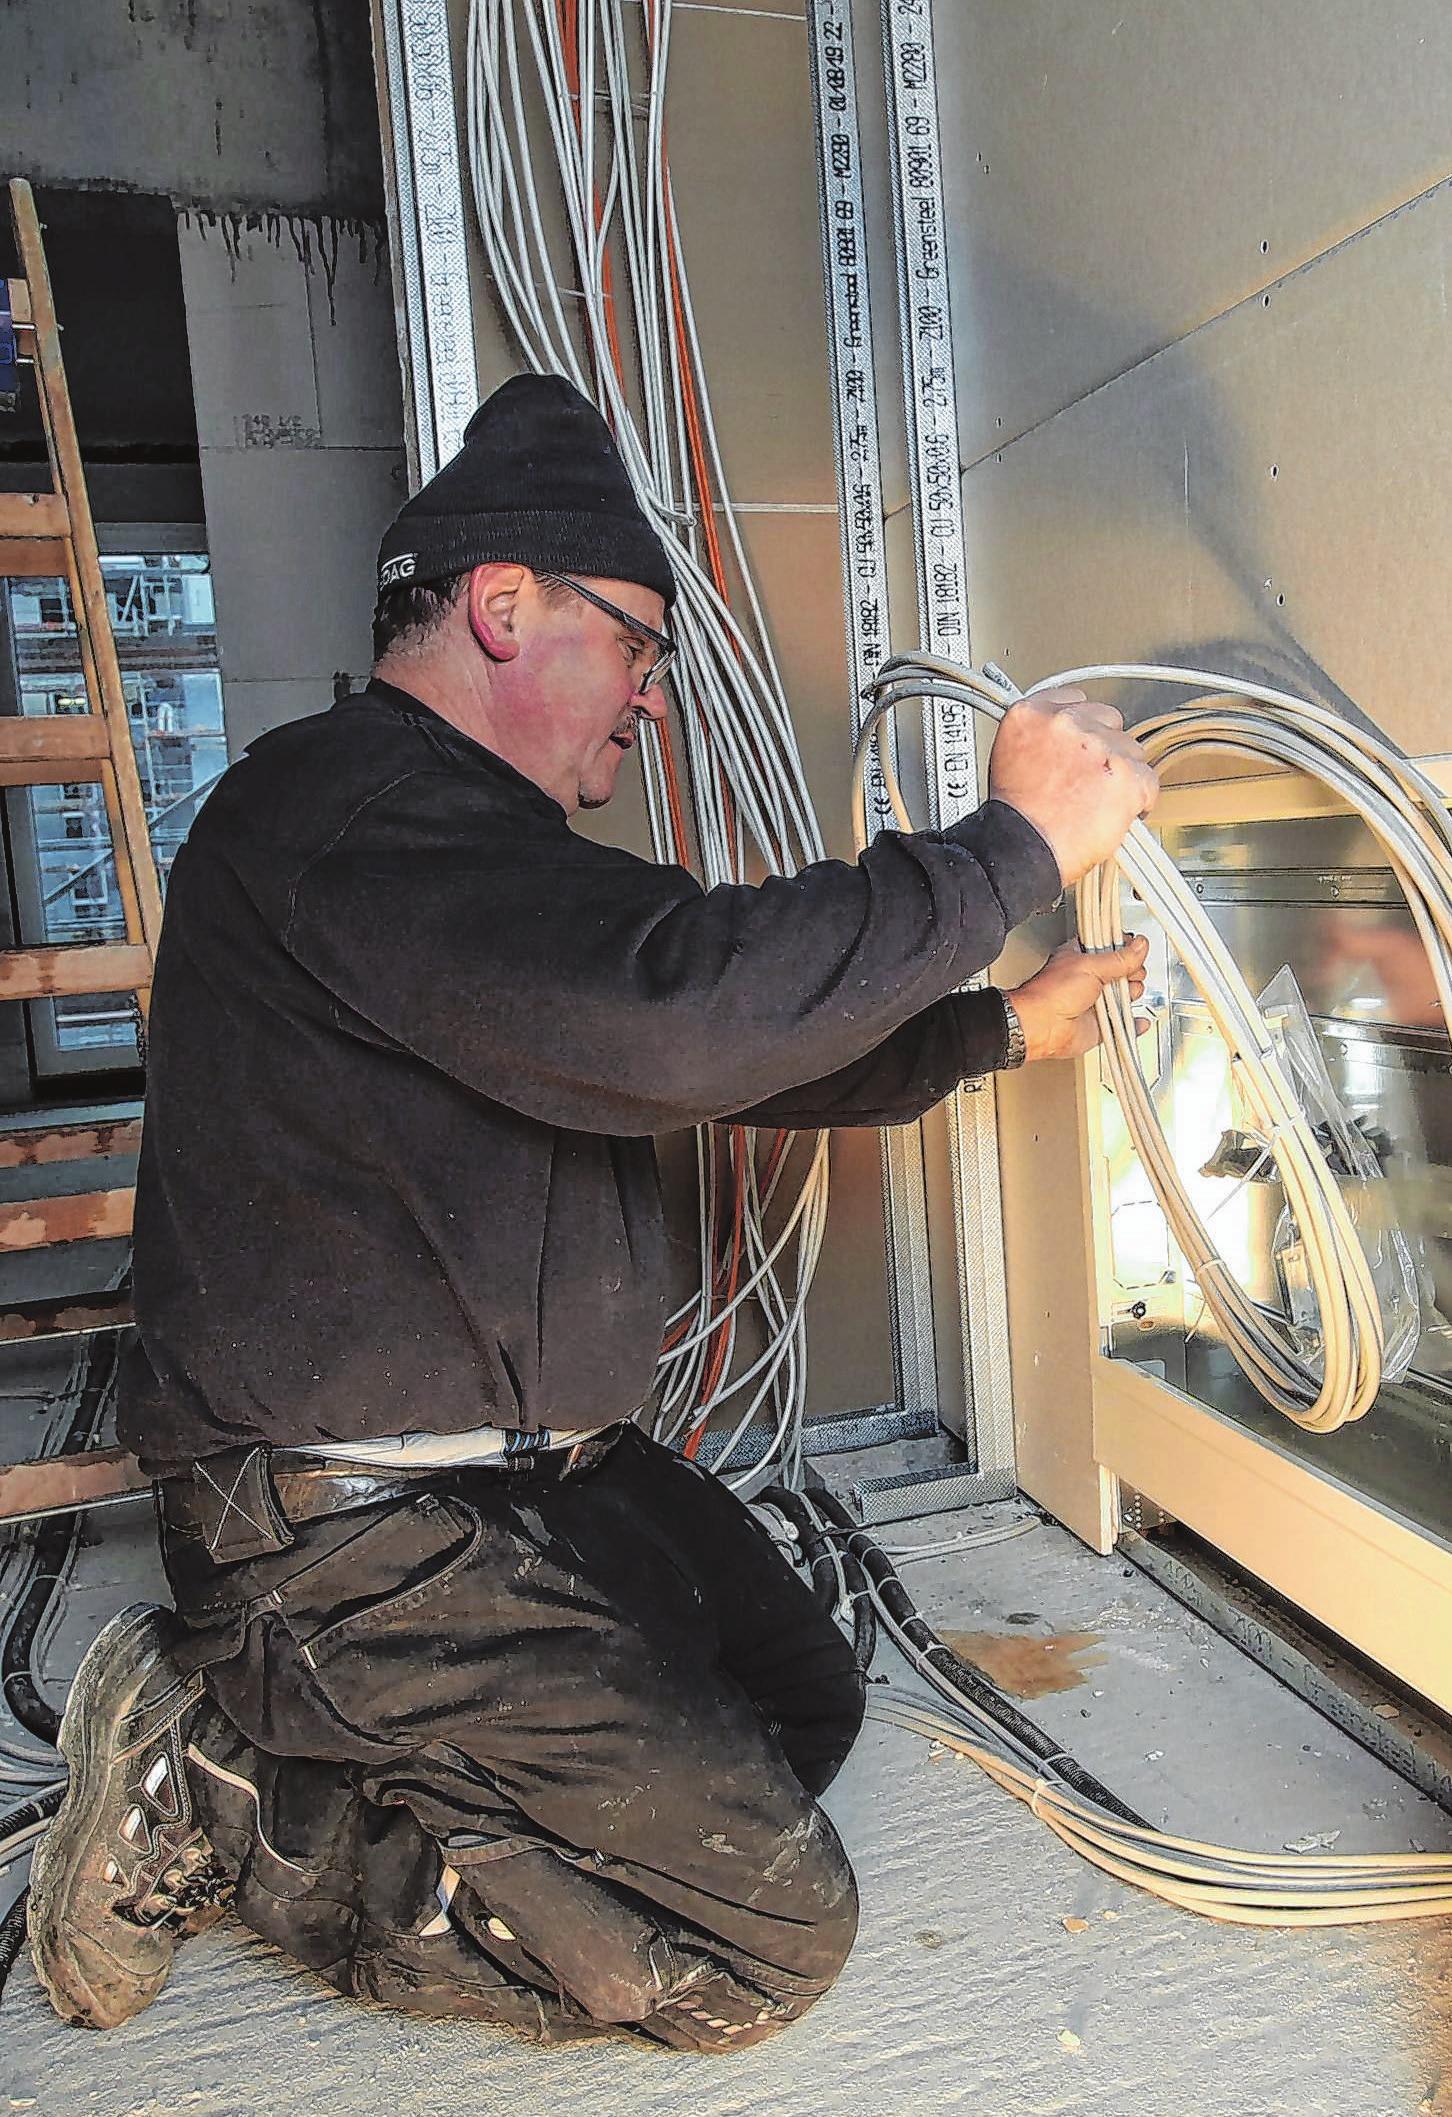 Zieht auf der Baustelle die Strippen: Elektriker Joachim Mak